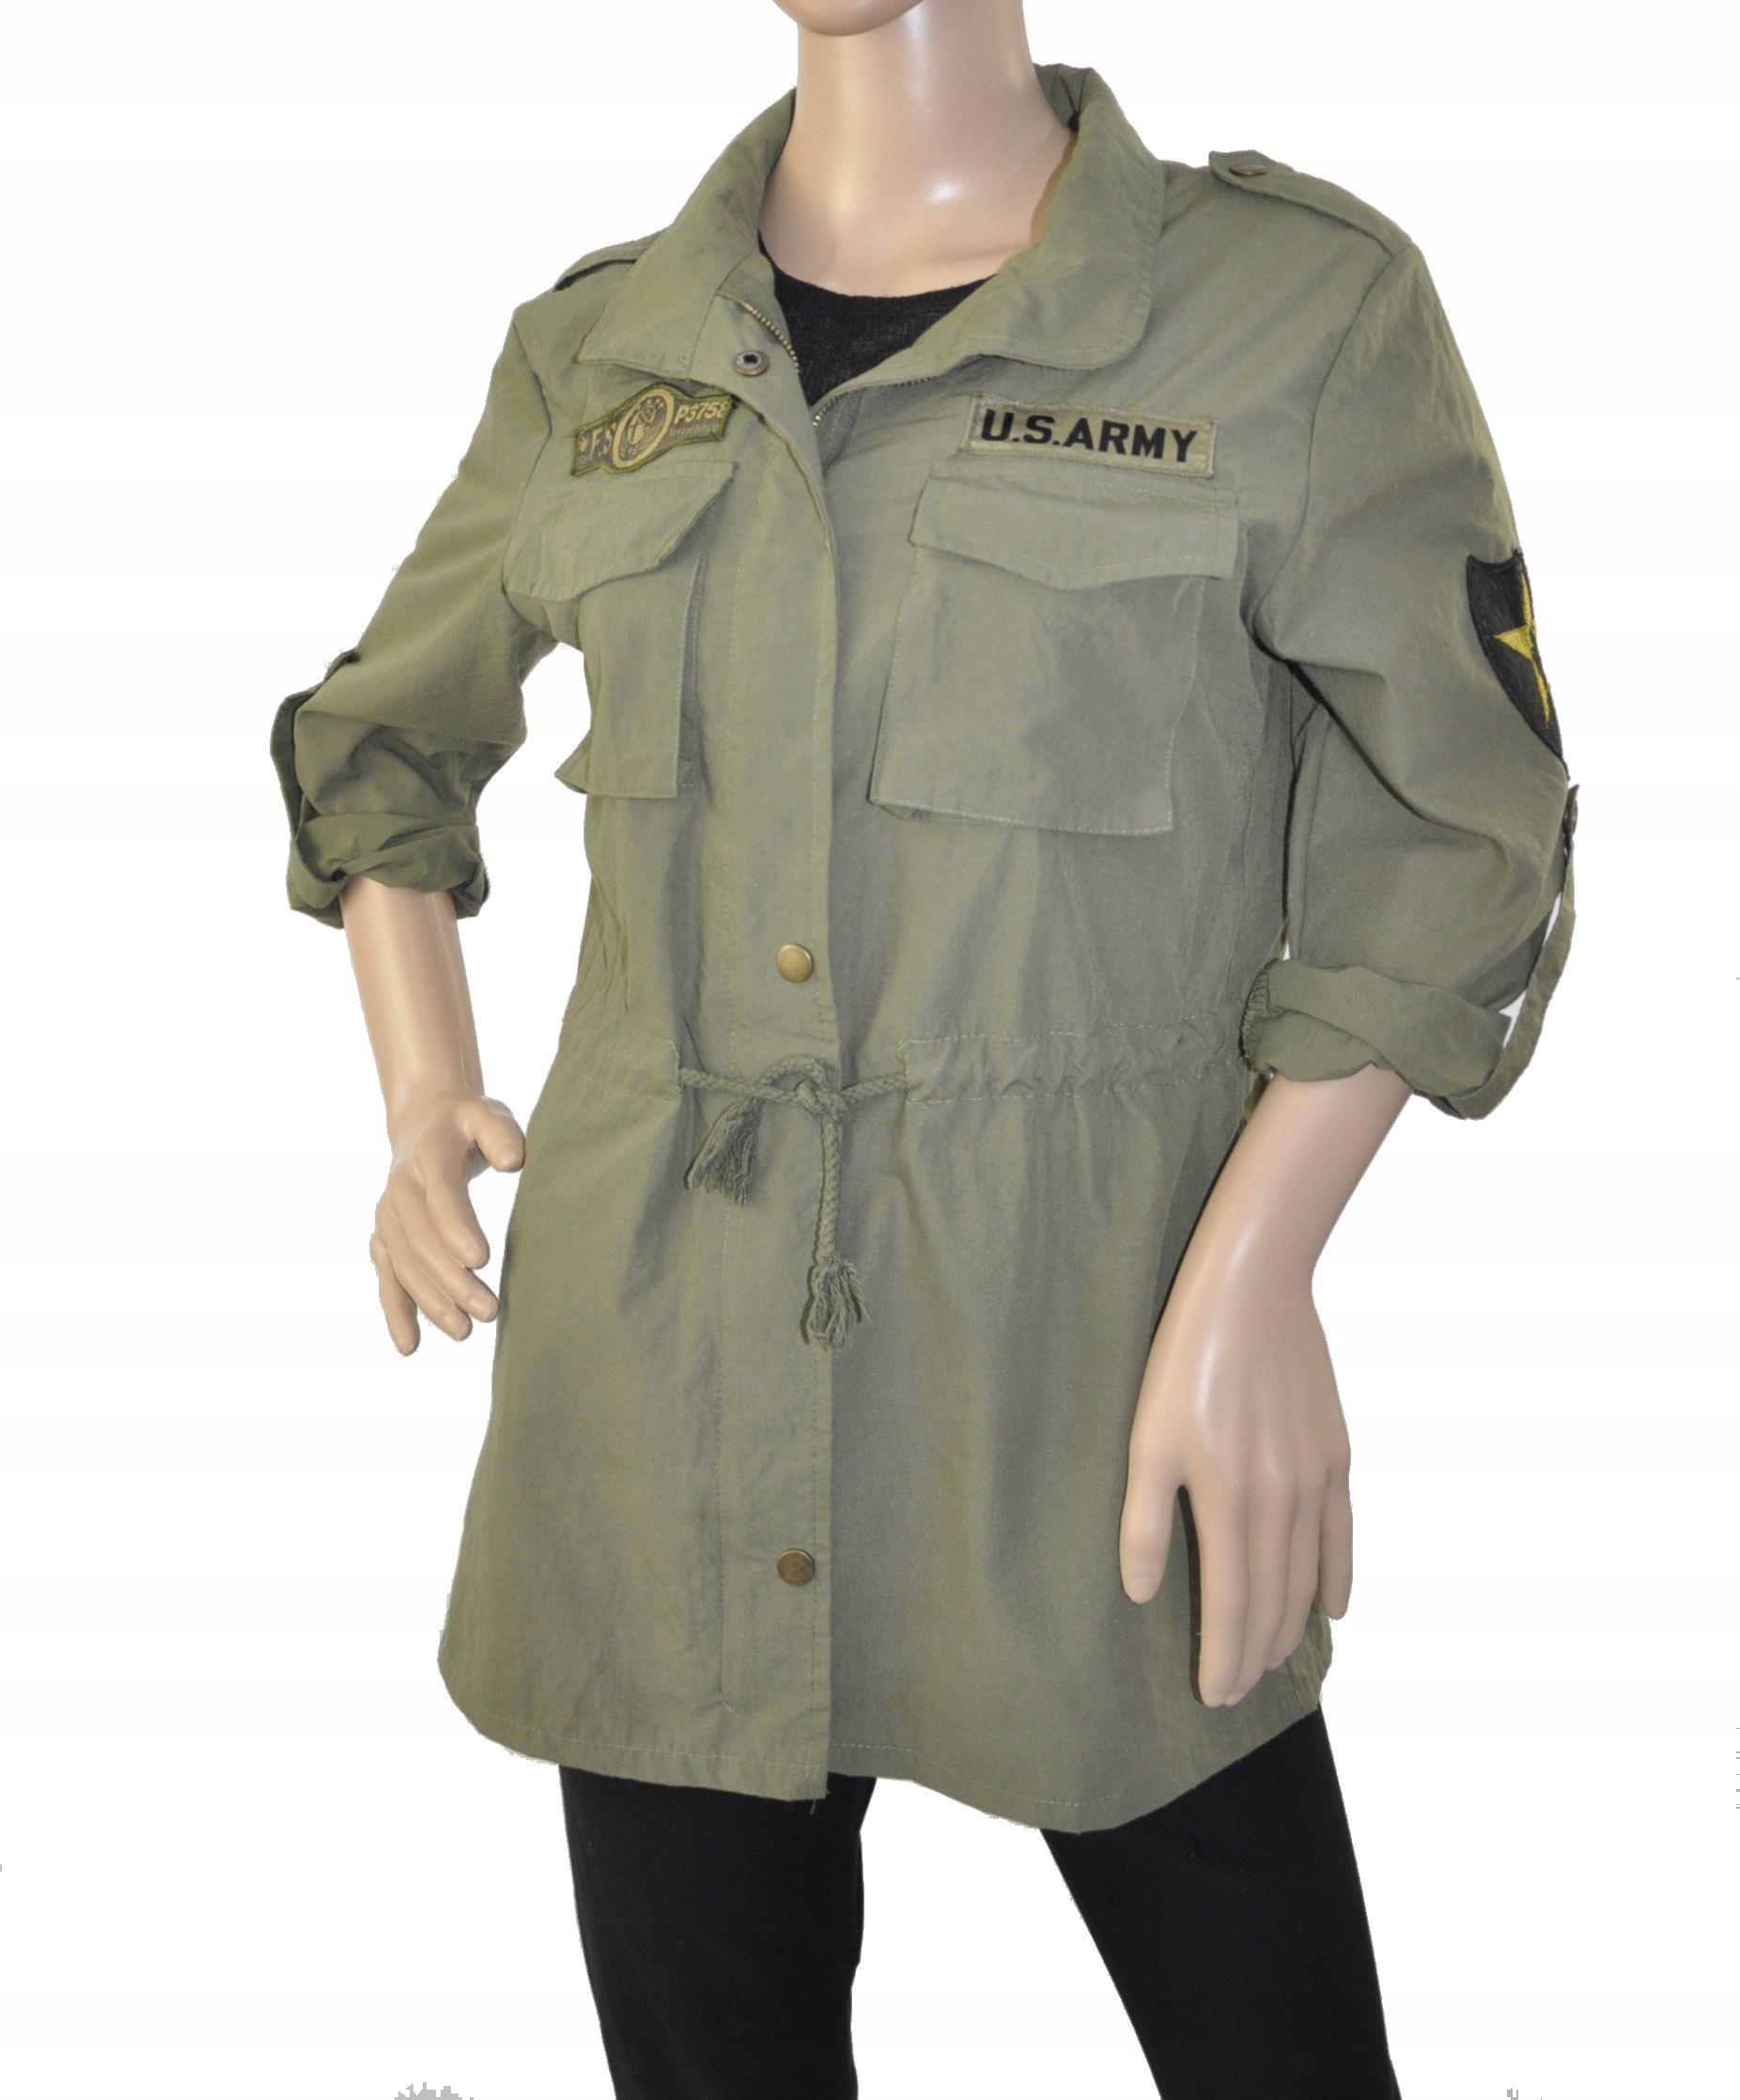 US ARMY KOSZULA MILITARNA khaki z Maryją S 36